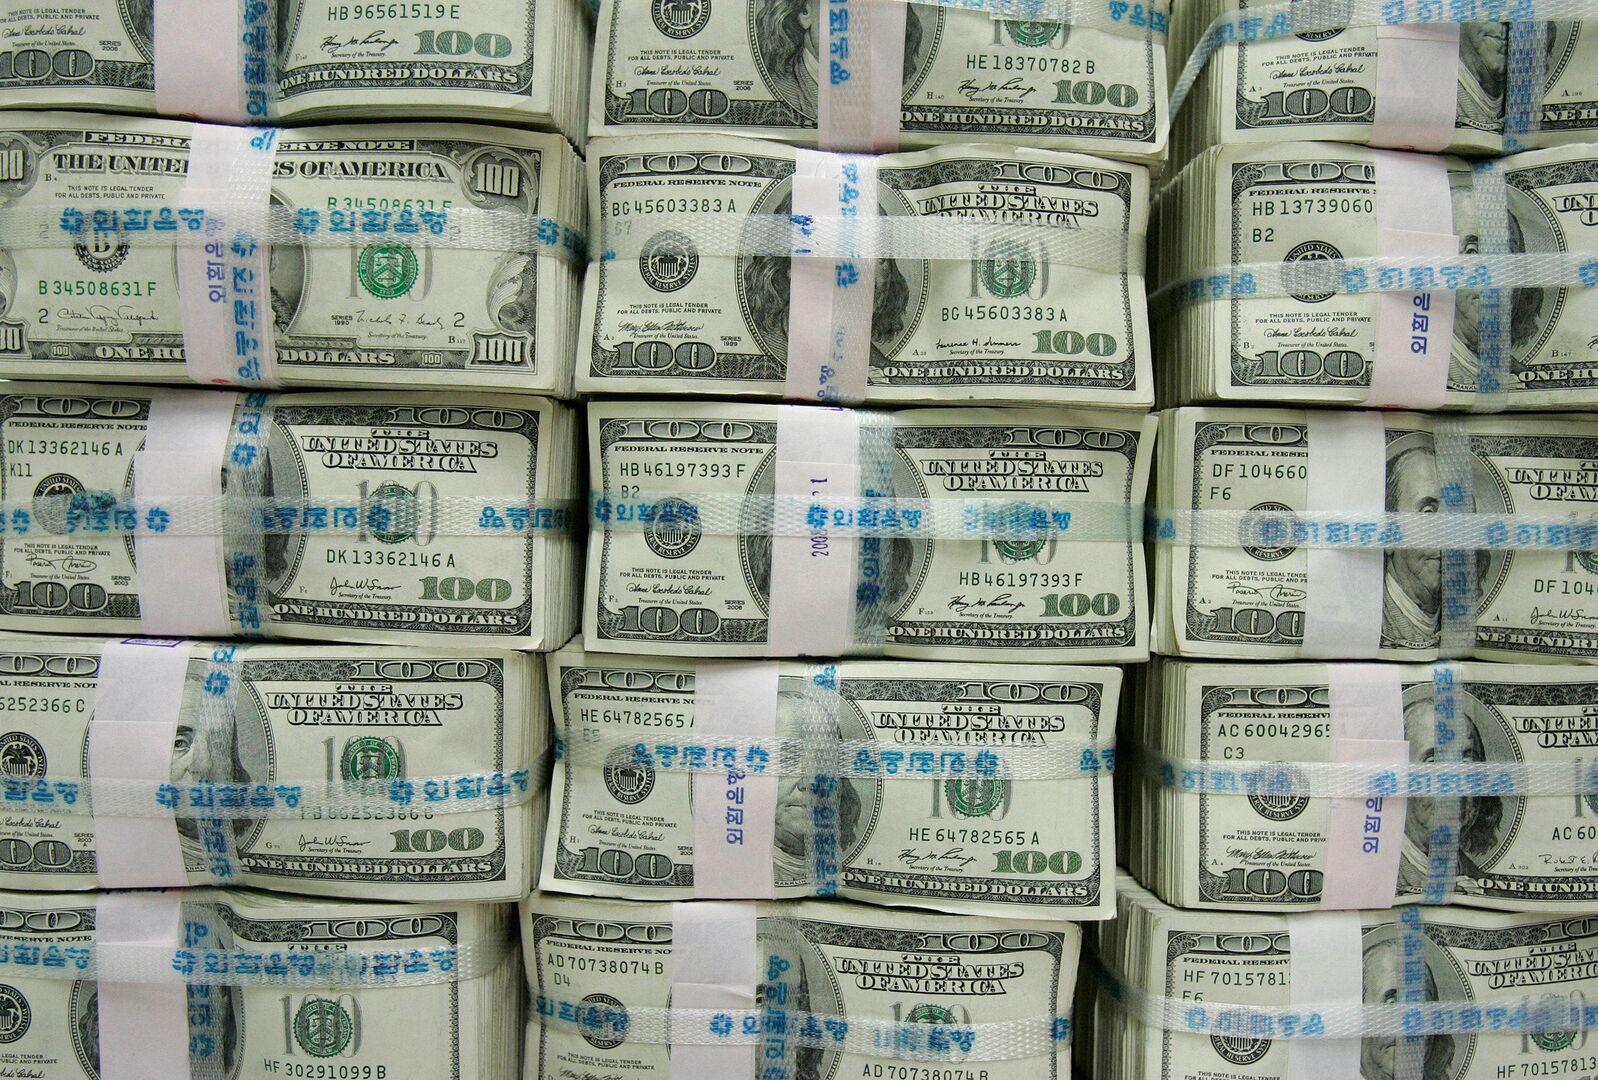 ينصحون البنوك الصينية بالاستعداد لفصل SWIFT والتخلي عن الدولار